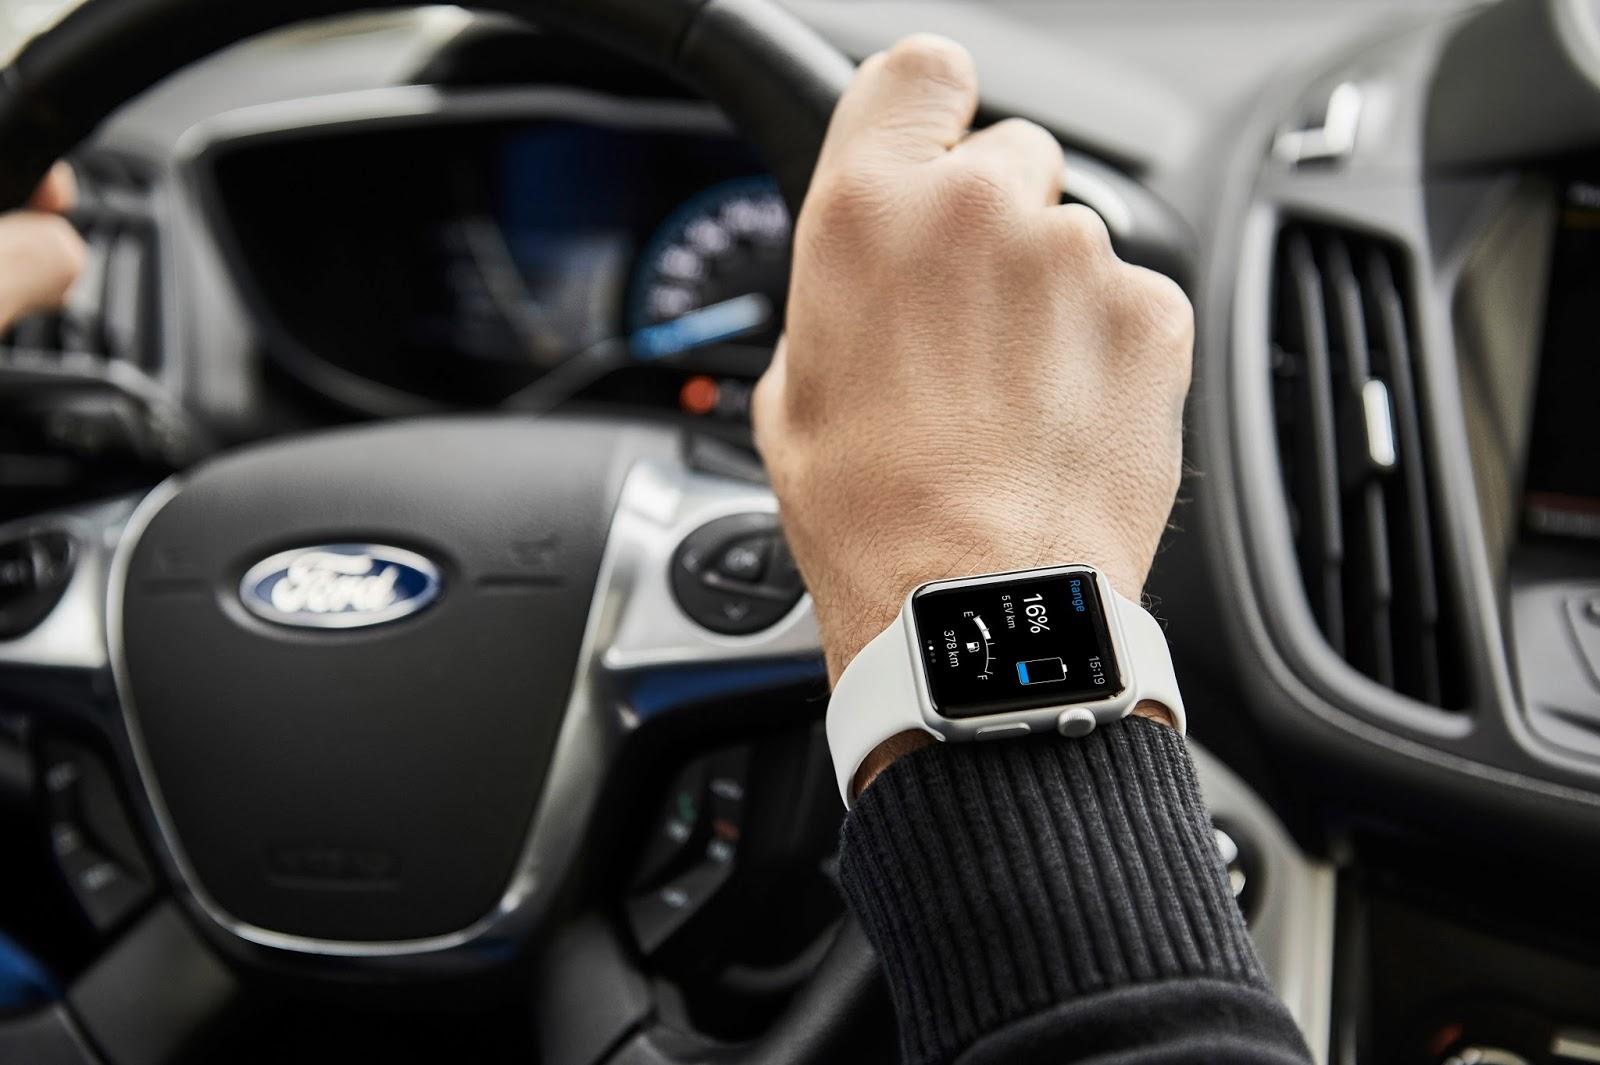 1 MyFordMobile charging Χρησιμοποιείστε το smartwatch σας για να τσεκάρετε το ηλεκτρικό σας αυτοκίνητο Ford Android Auto, Apple CarPlay, Electric cars, Ford, videos, Τεχνολογία